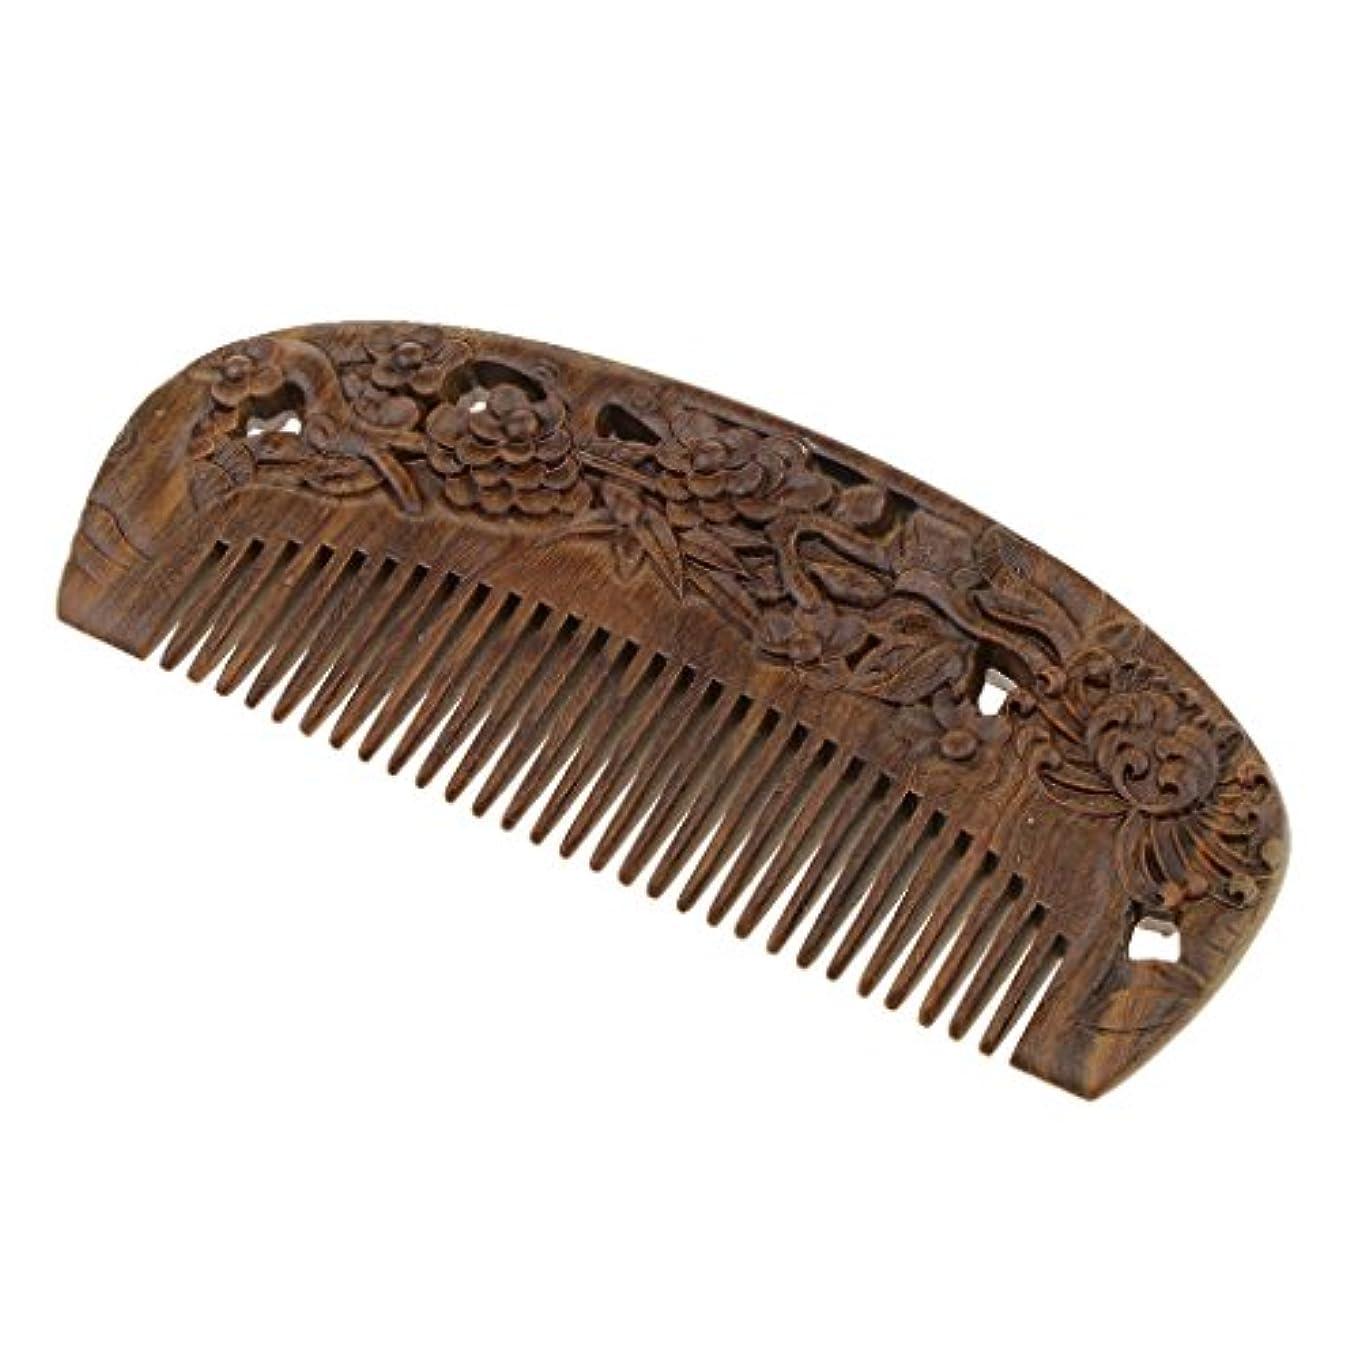 良さサミュエルタフT TOOYFUL 木製櫛 木製コーム ウッドコーム ワイド歯 ヘアブラシ 頭皮マッサージ 静電防止 全2種類 - #2